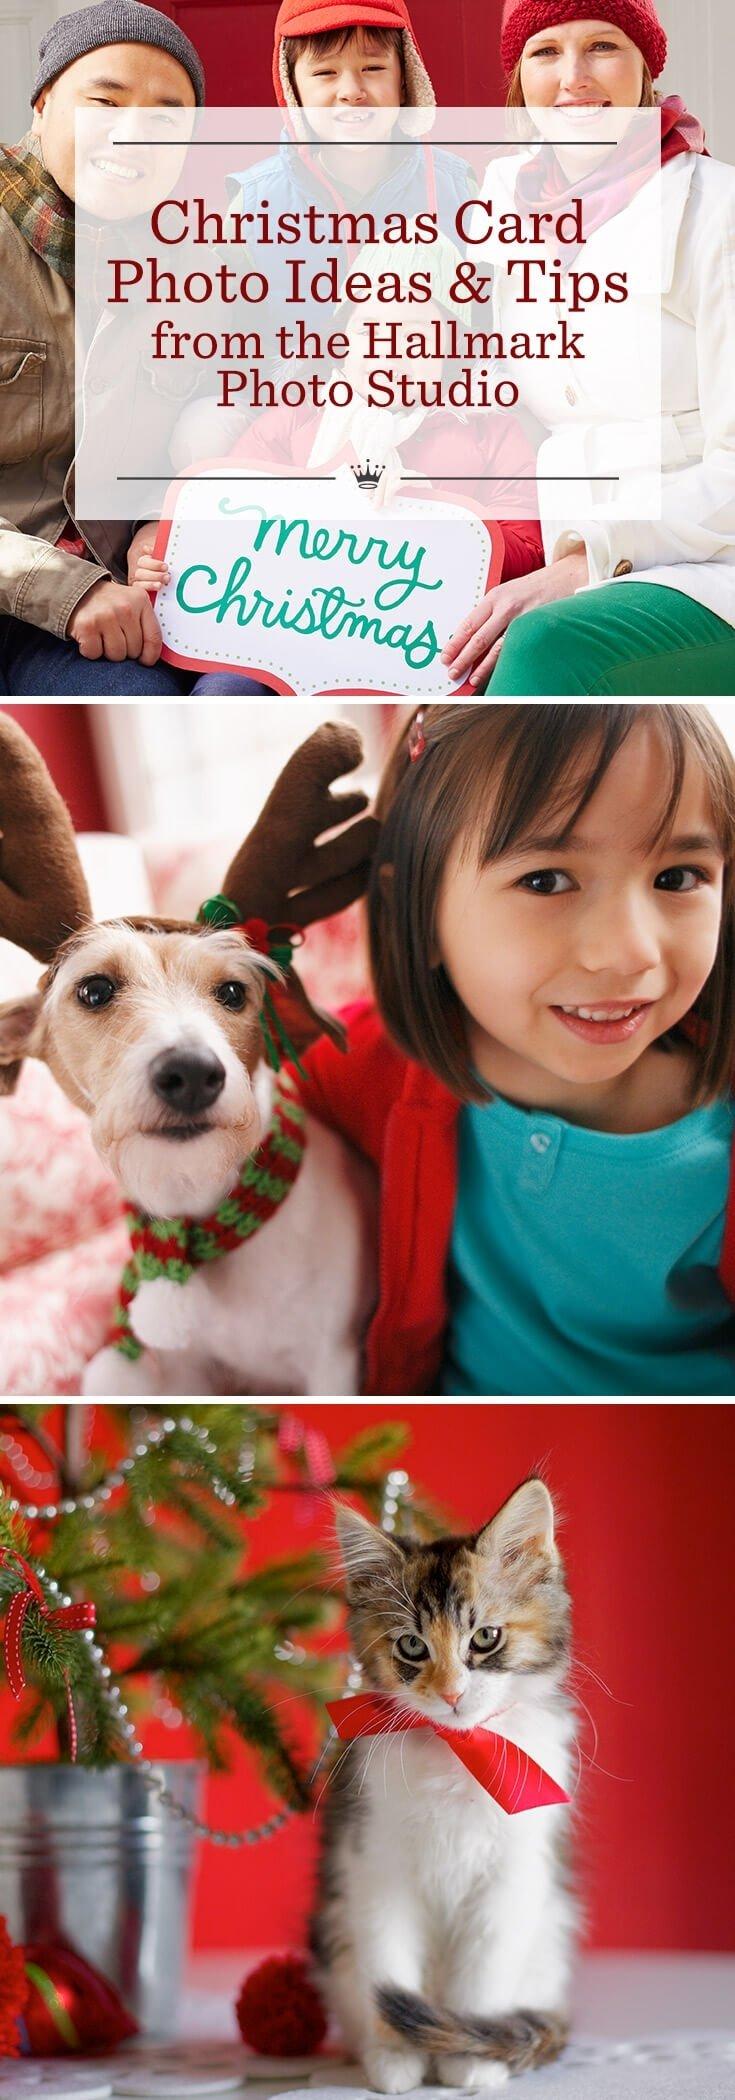 10 Attractive Christmas Card Ideas With Dogs christmas card photo ideas hallmark ideas inspiration 2021